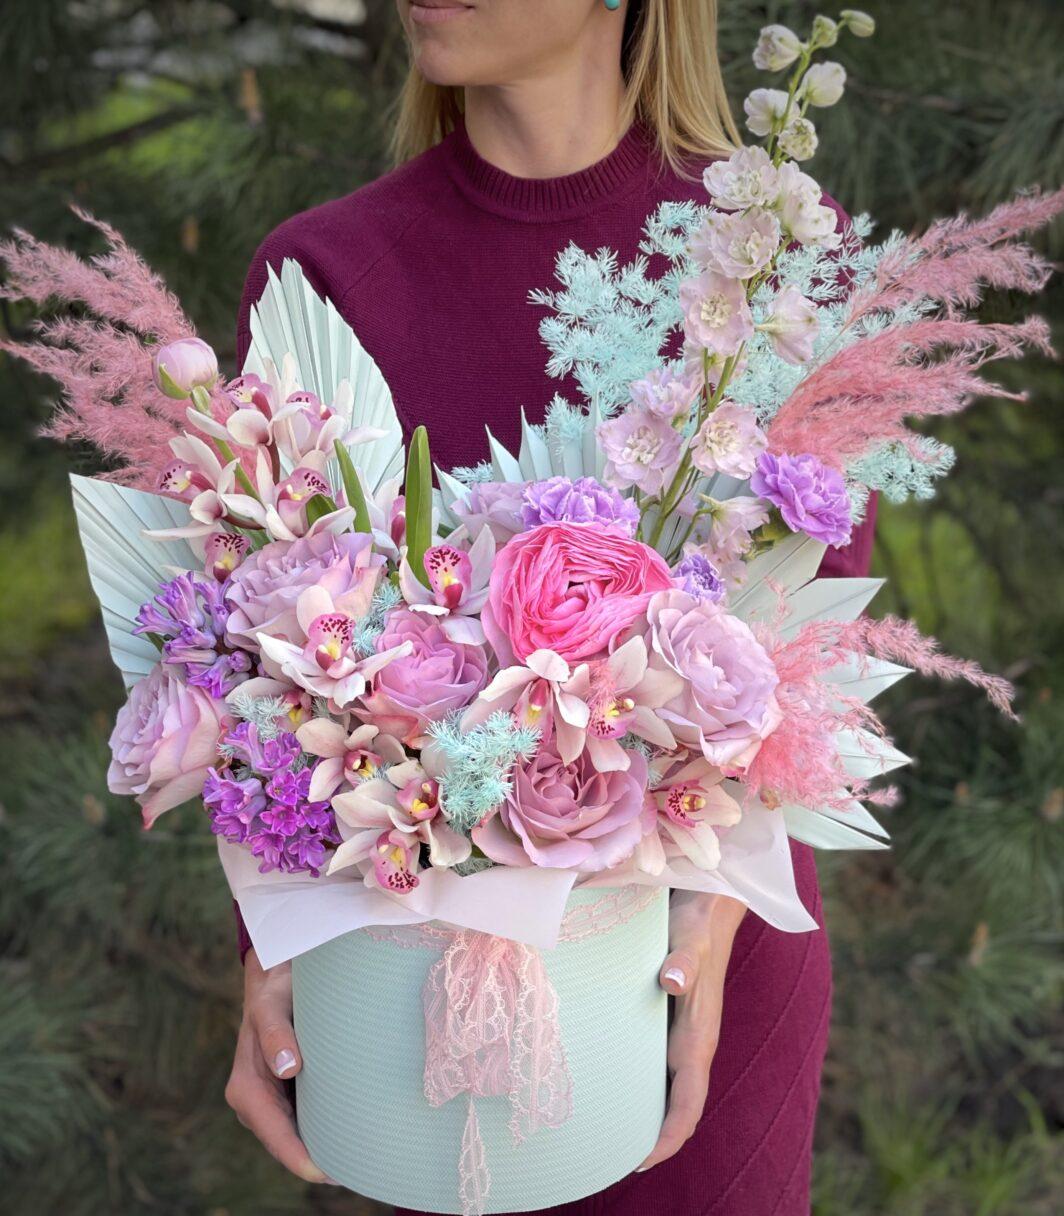 img 1374 1064x1216 - Композиция цветов в коробке № 1047